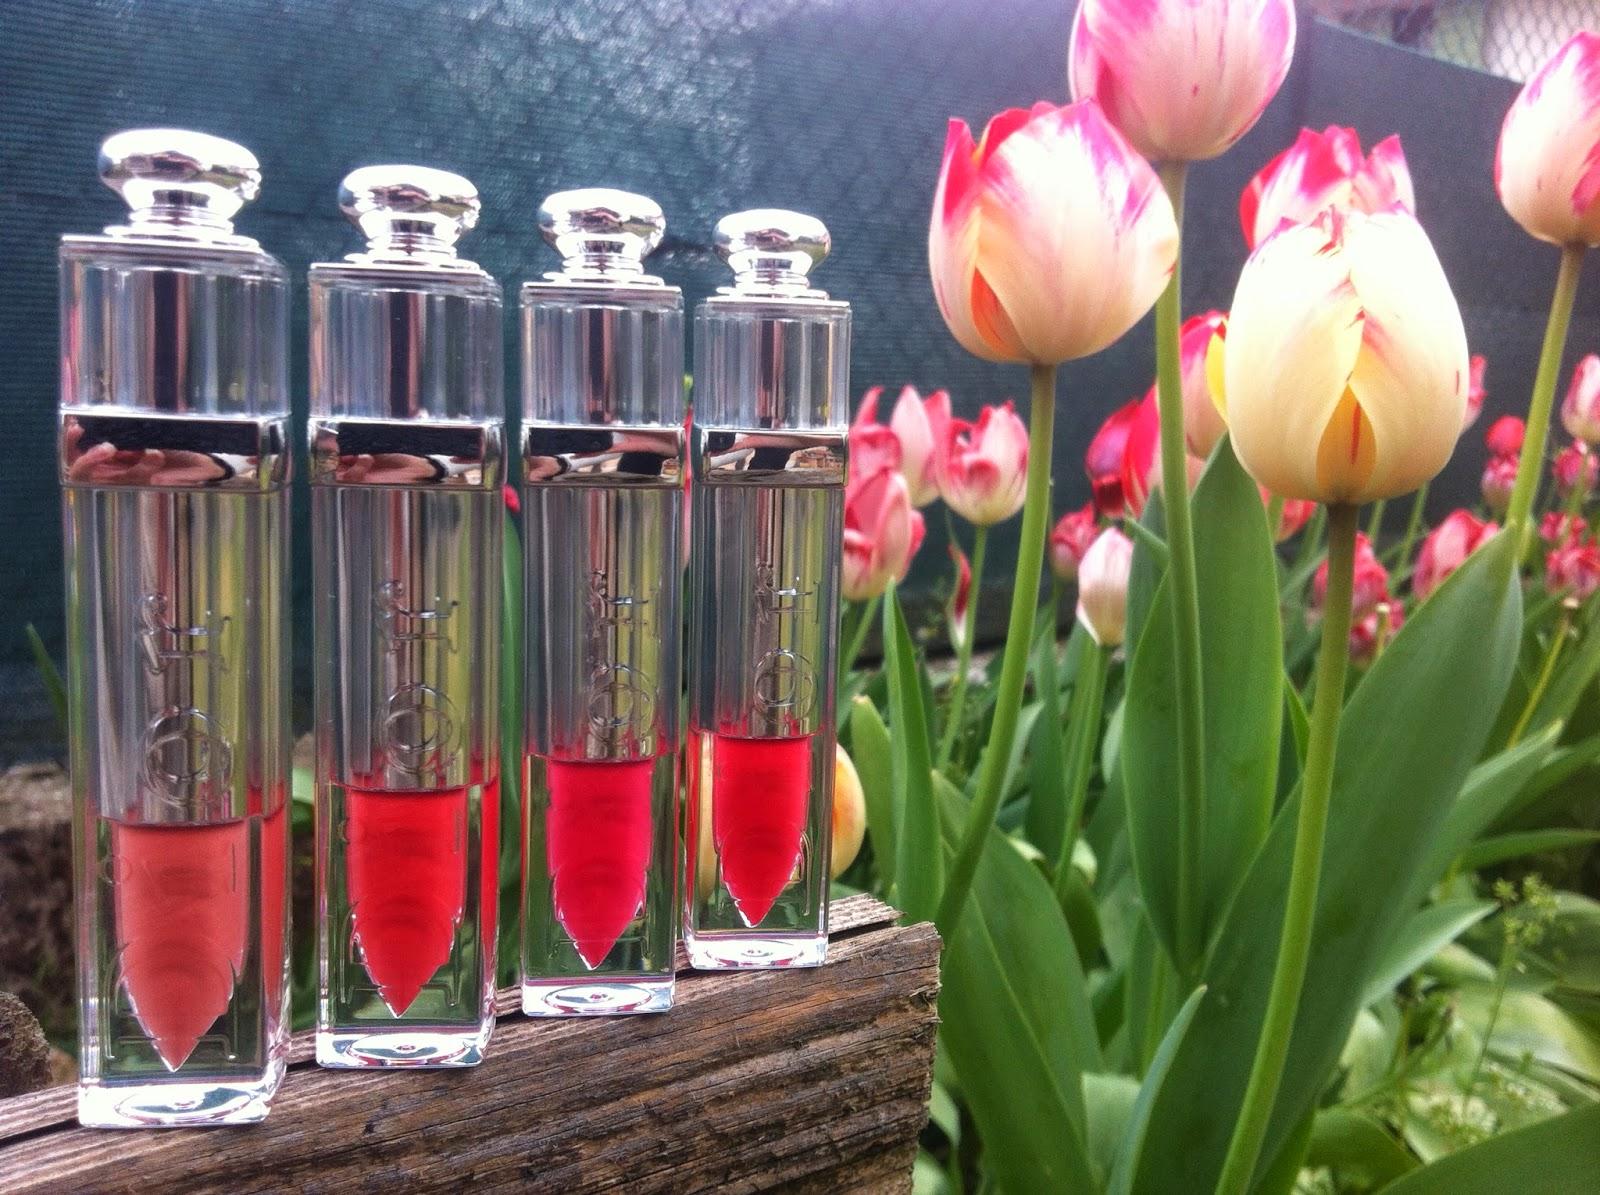 Dior ADDICT Fluid Stick, Dior make up primavera 2014, Dior Pandore, Dior Mirage, Dior Wonderland, Dior Aventure